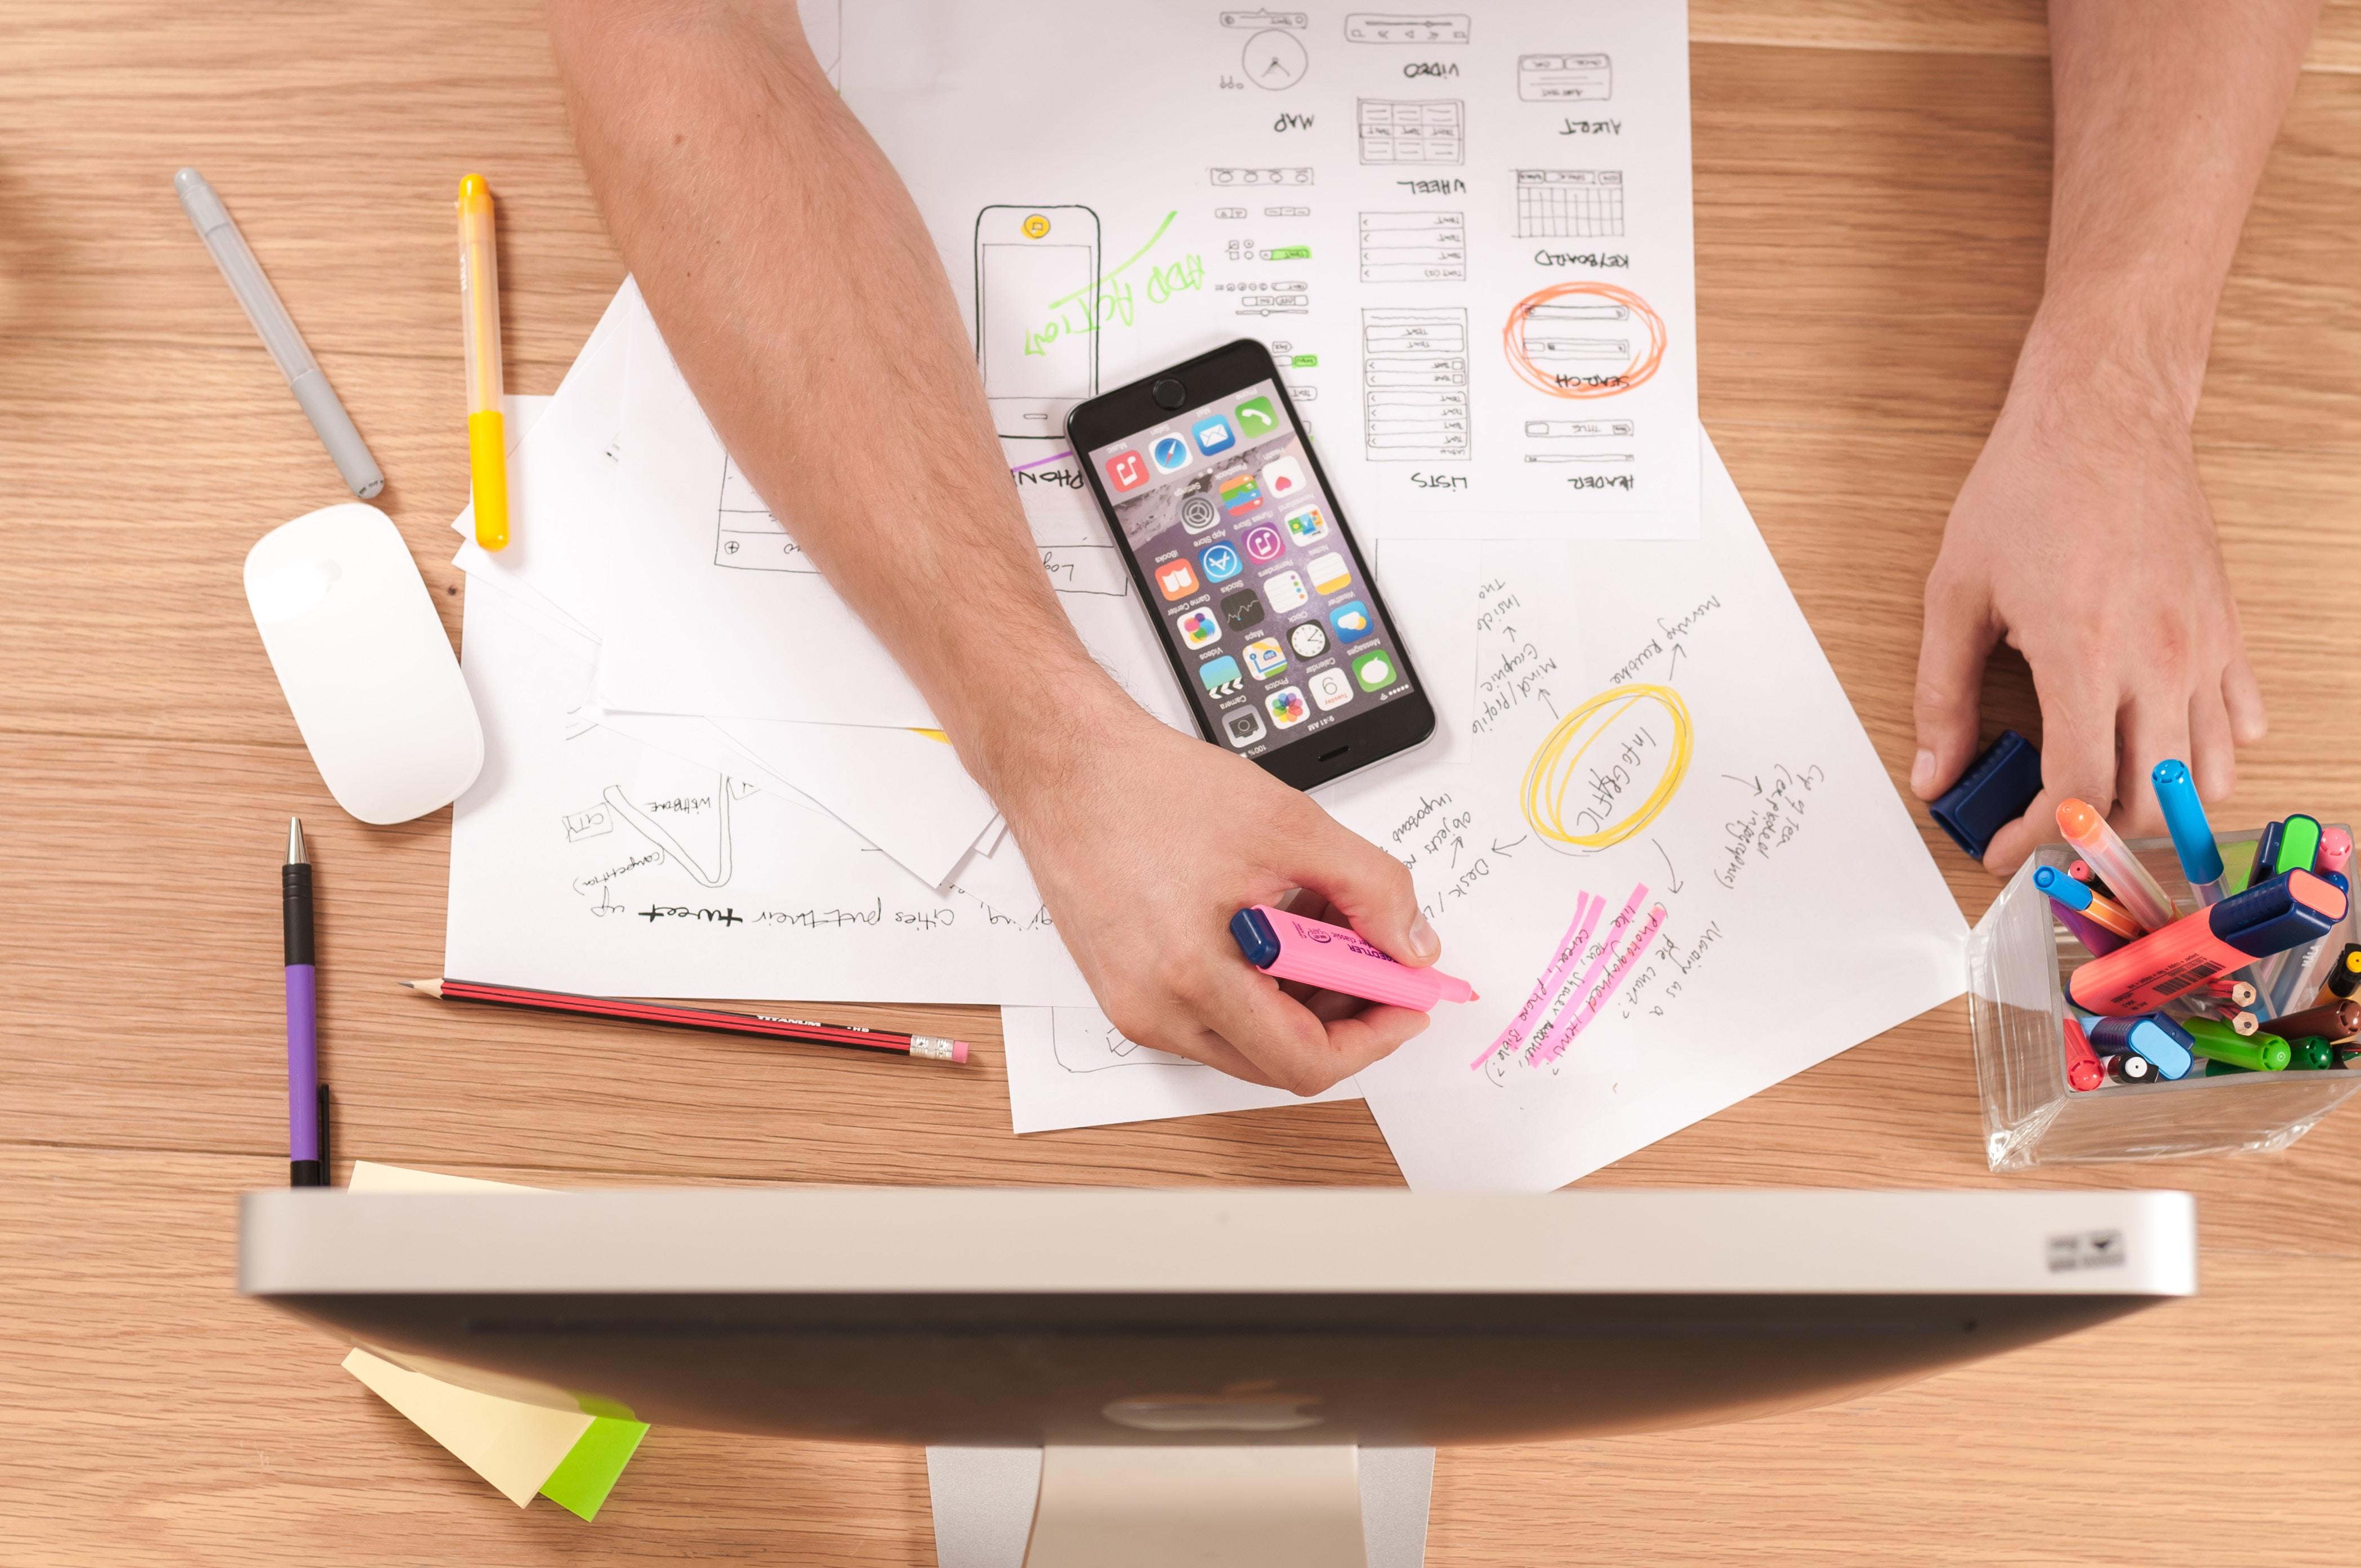 Comment créer une application mobile en 4 étapes ?